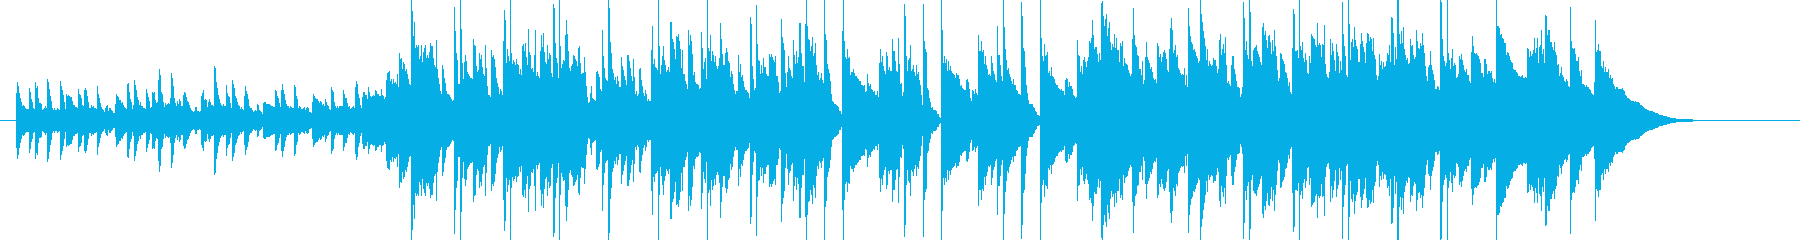 落ち着いて充実した雰囲気のピアノBGMの再生済みの波形